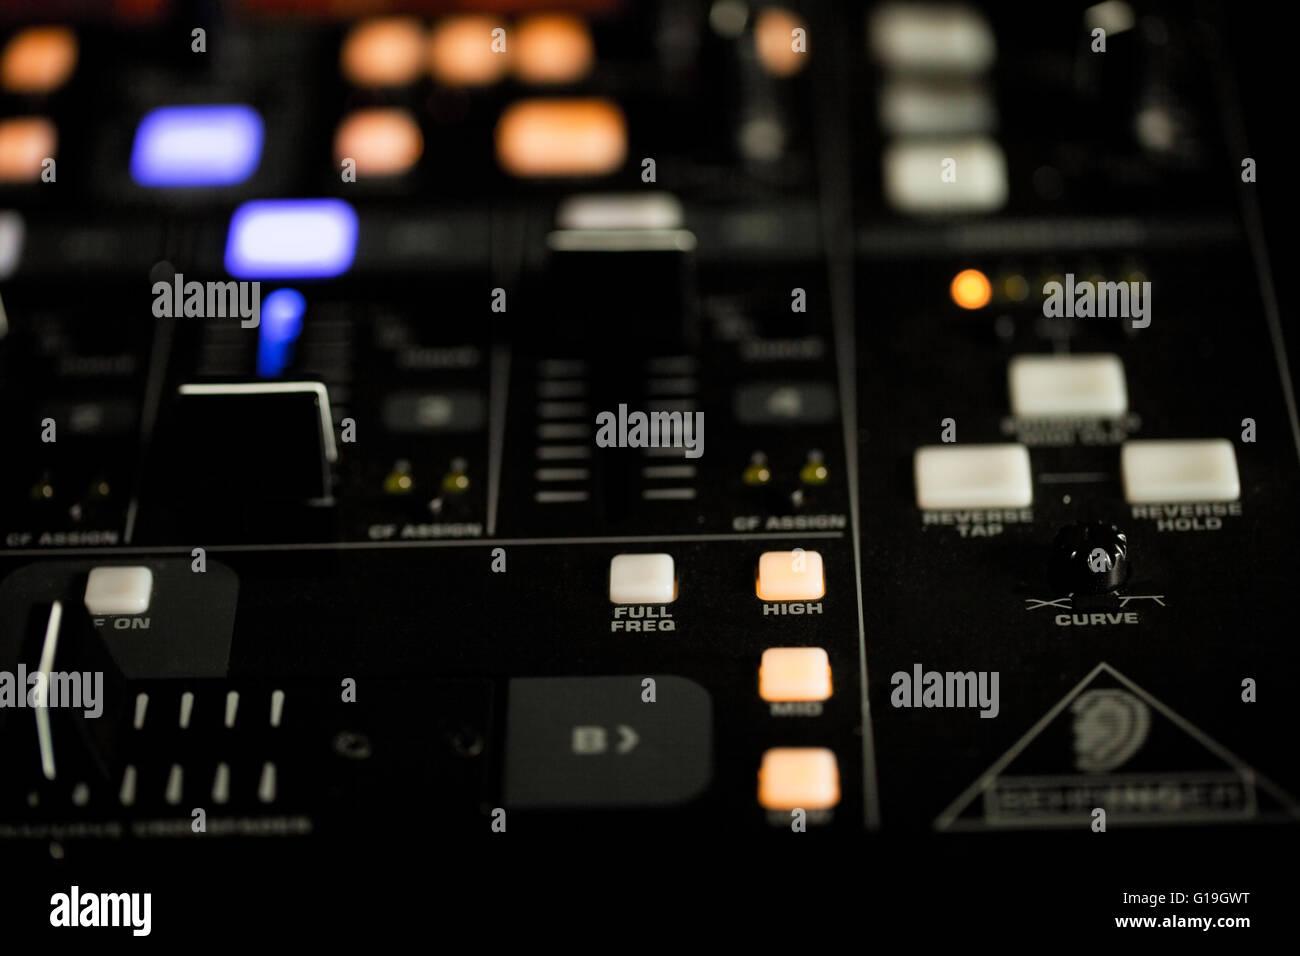 Des feux allumés sur la console d'une platine DJ la nuit pour le mélange et l'effacement de la musique enregistrée dans une discothèque ou boîte de nuit Banque D'Images